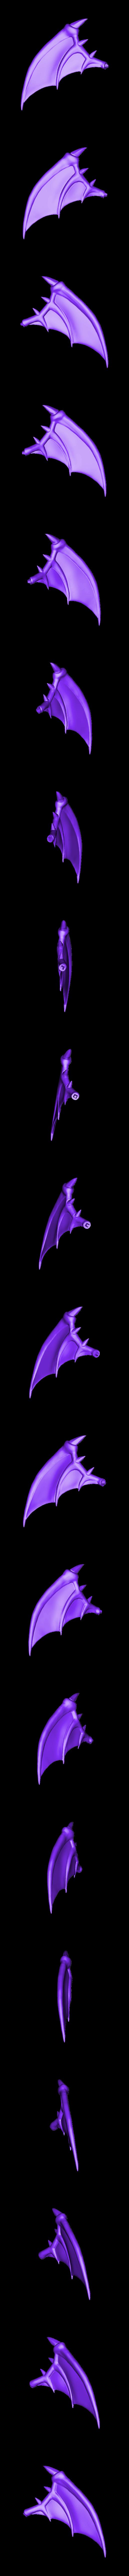 WingR.stl Télécharger fichier STL yeux bleus dragon blanc - Yu Gi Oh • Modèle à imprimer en 3D, Bstar3Dart